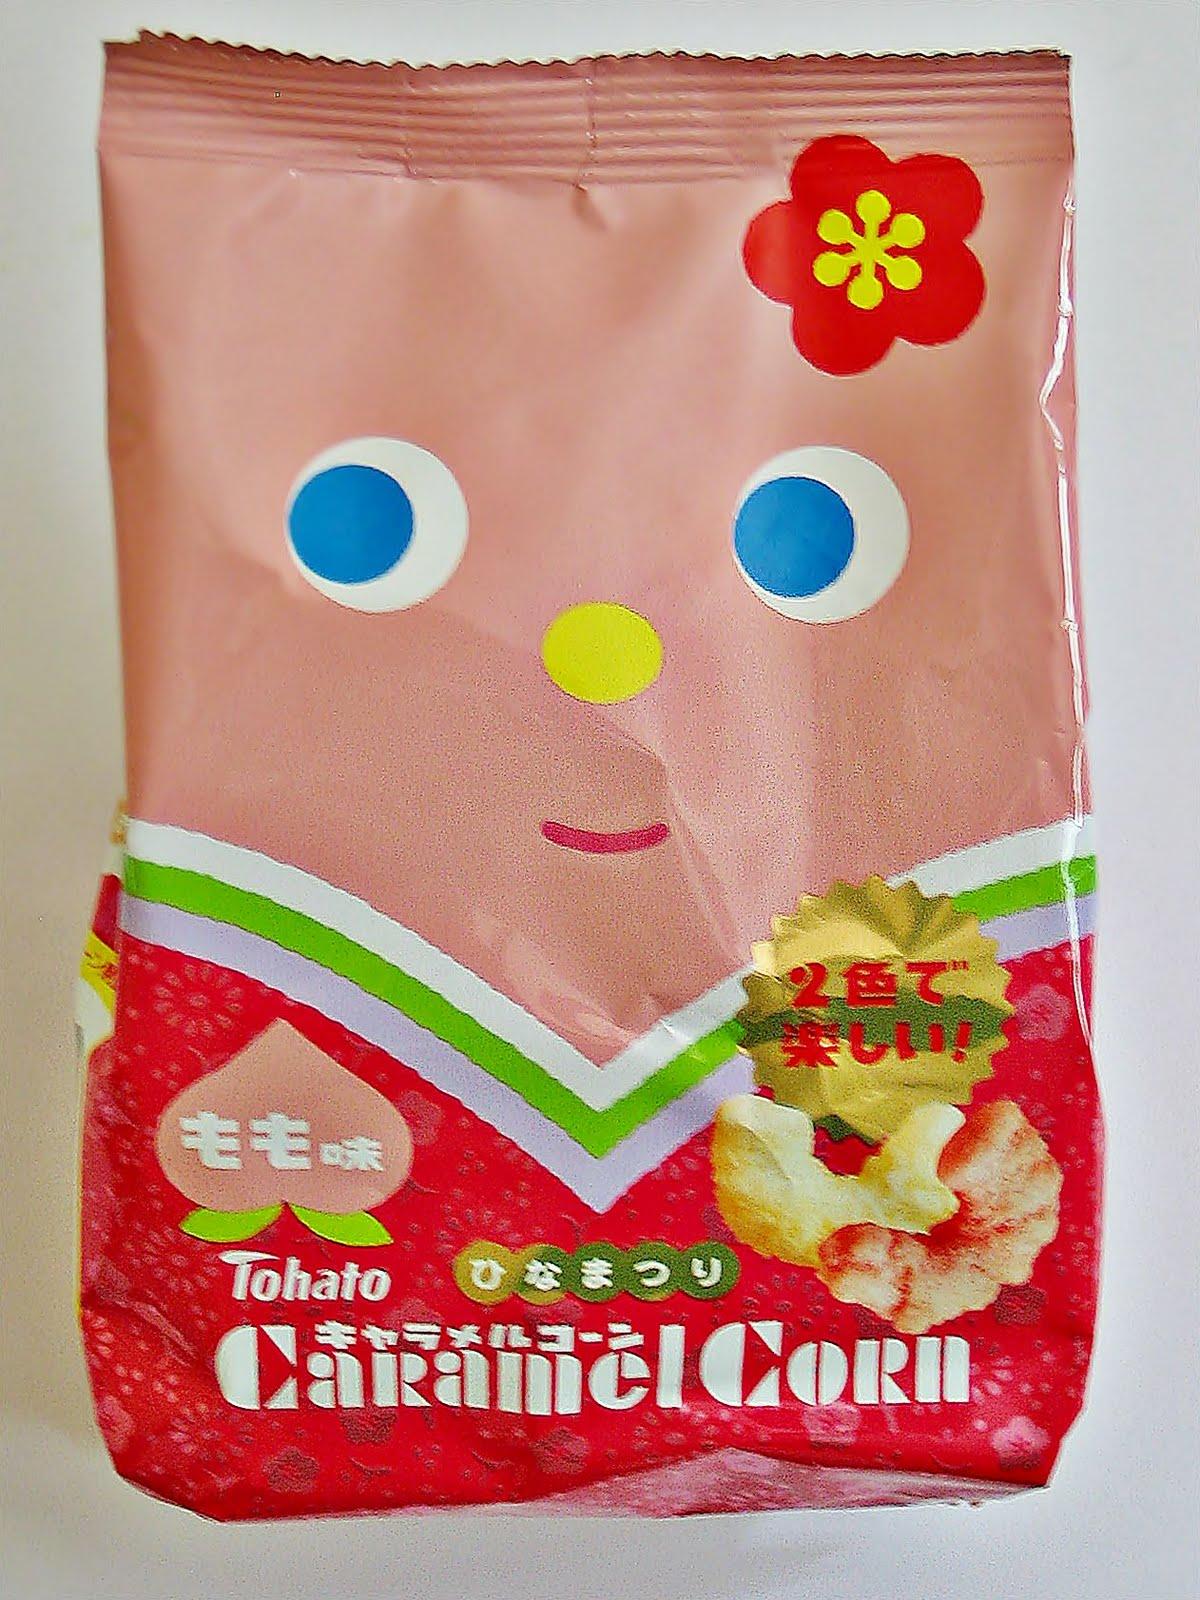 Tohato Caramel Corn Rare Cheese Cake G